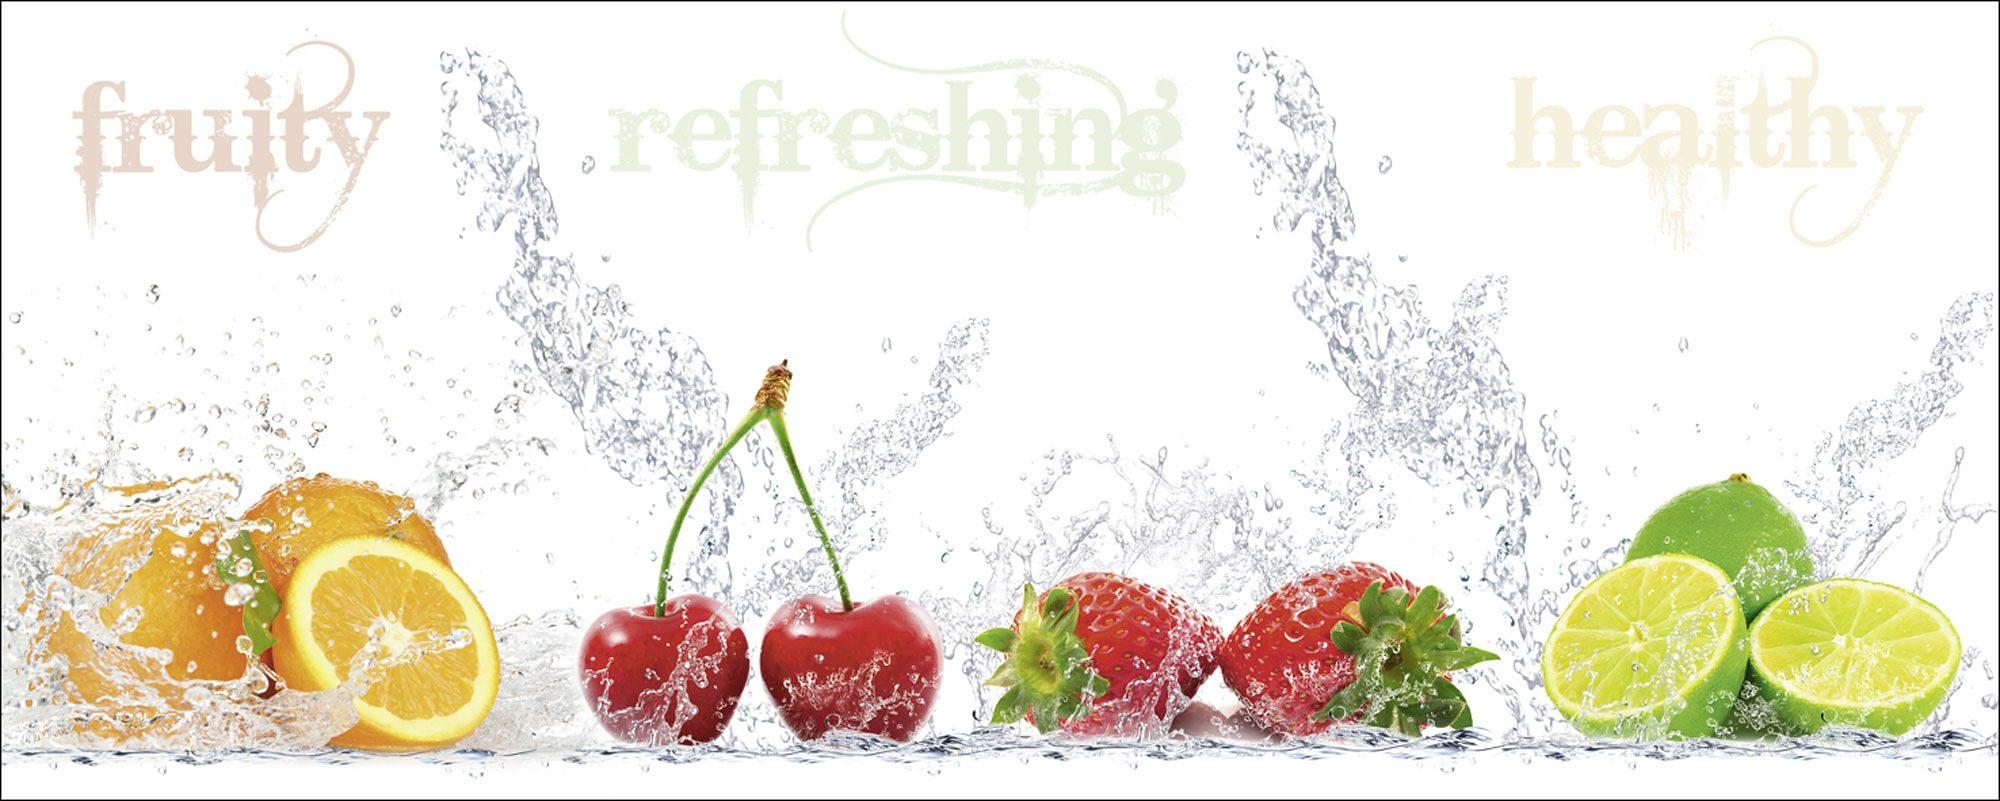 Home affaire, Glasbild, »Porzani & Kesu: Fruchtig - erfrischend - gesund«, 125/50 cm